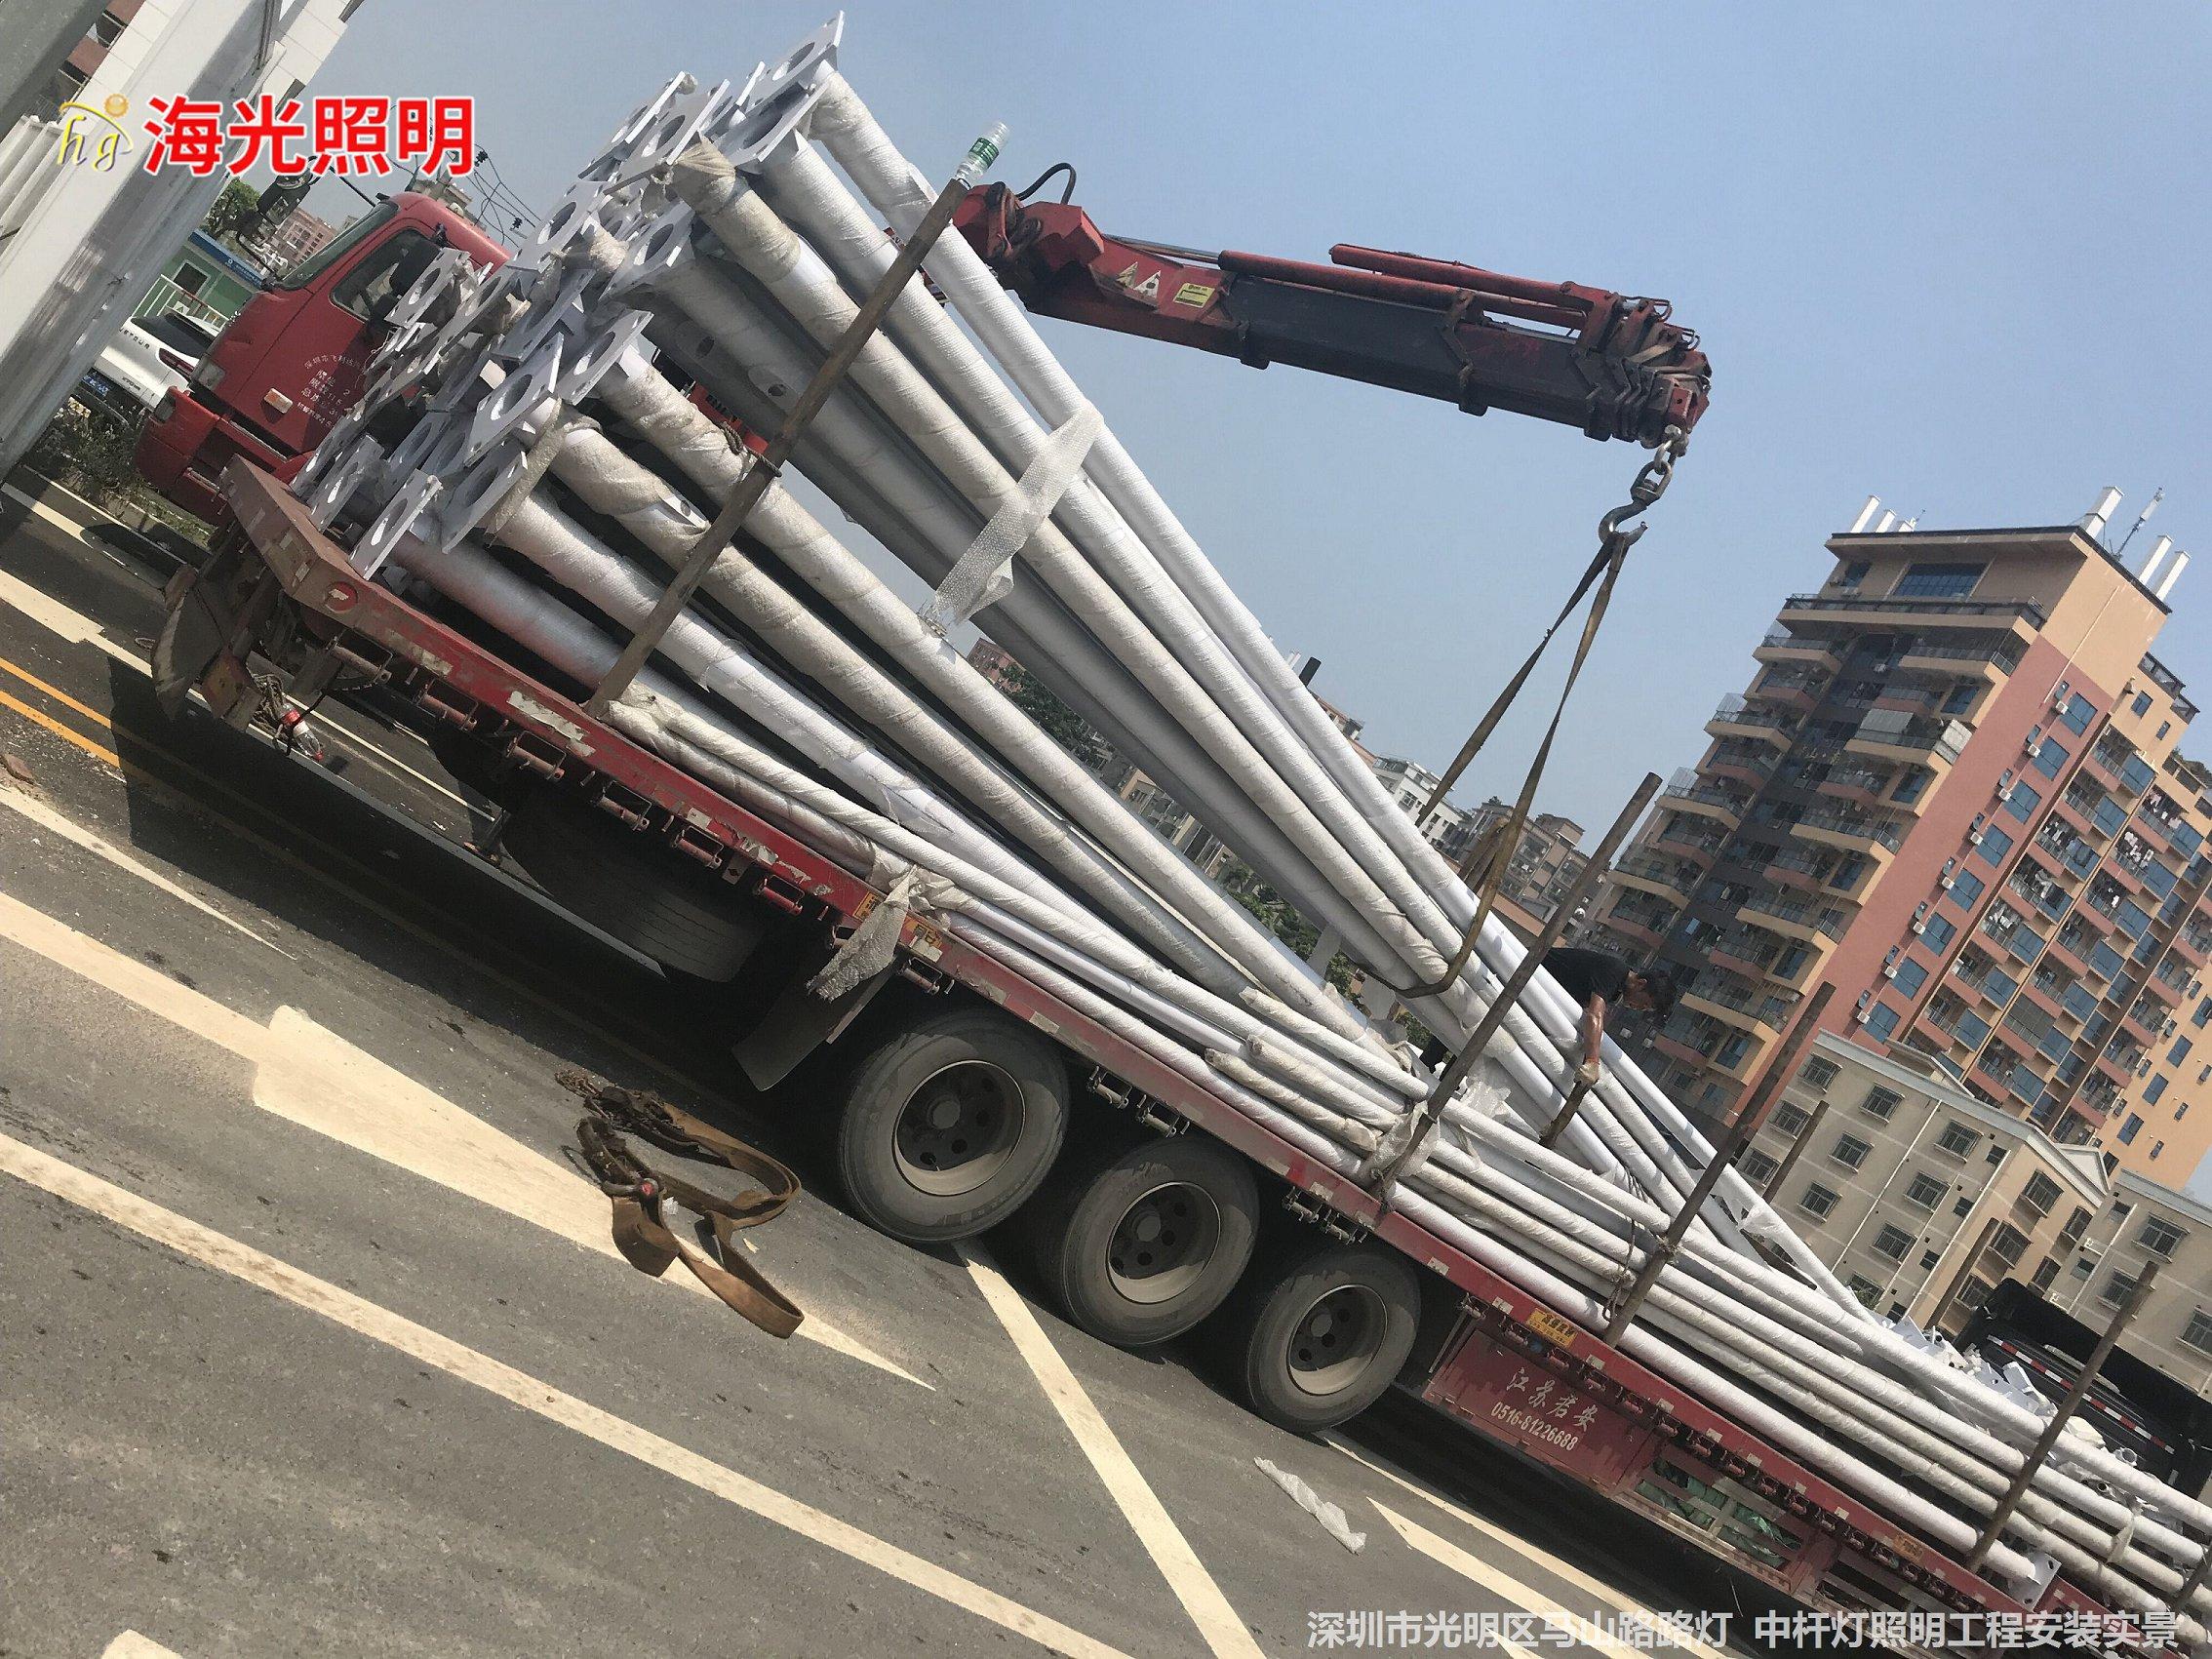 深圳市光明区马山路街道10米、12米高低臂路灯 15米中杆灯照明工程